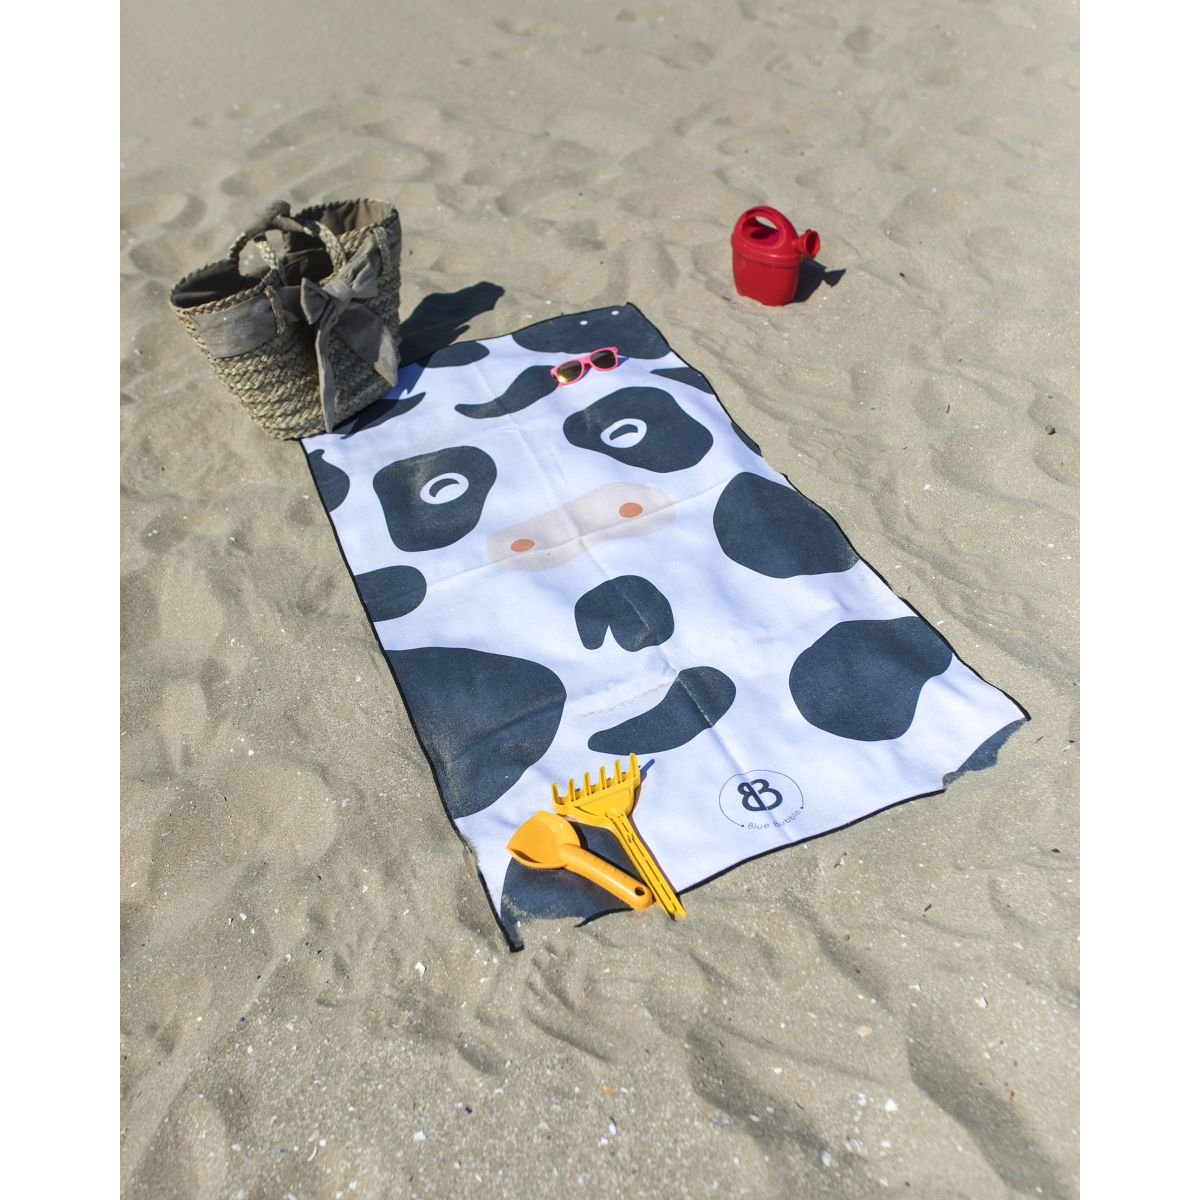 drap de plage enfant microfibre anuanua imprim vache vasion. Black Bedroom Furniture Sets. Home Design Ideas